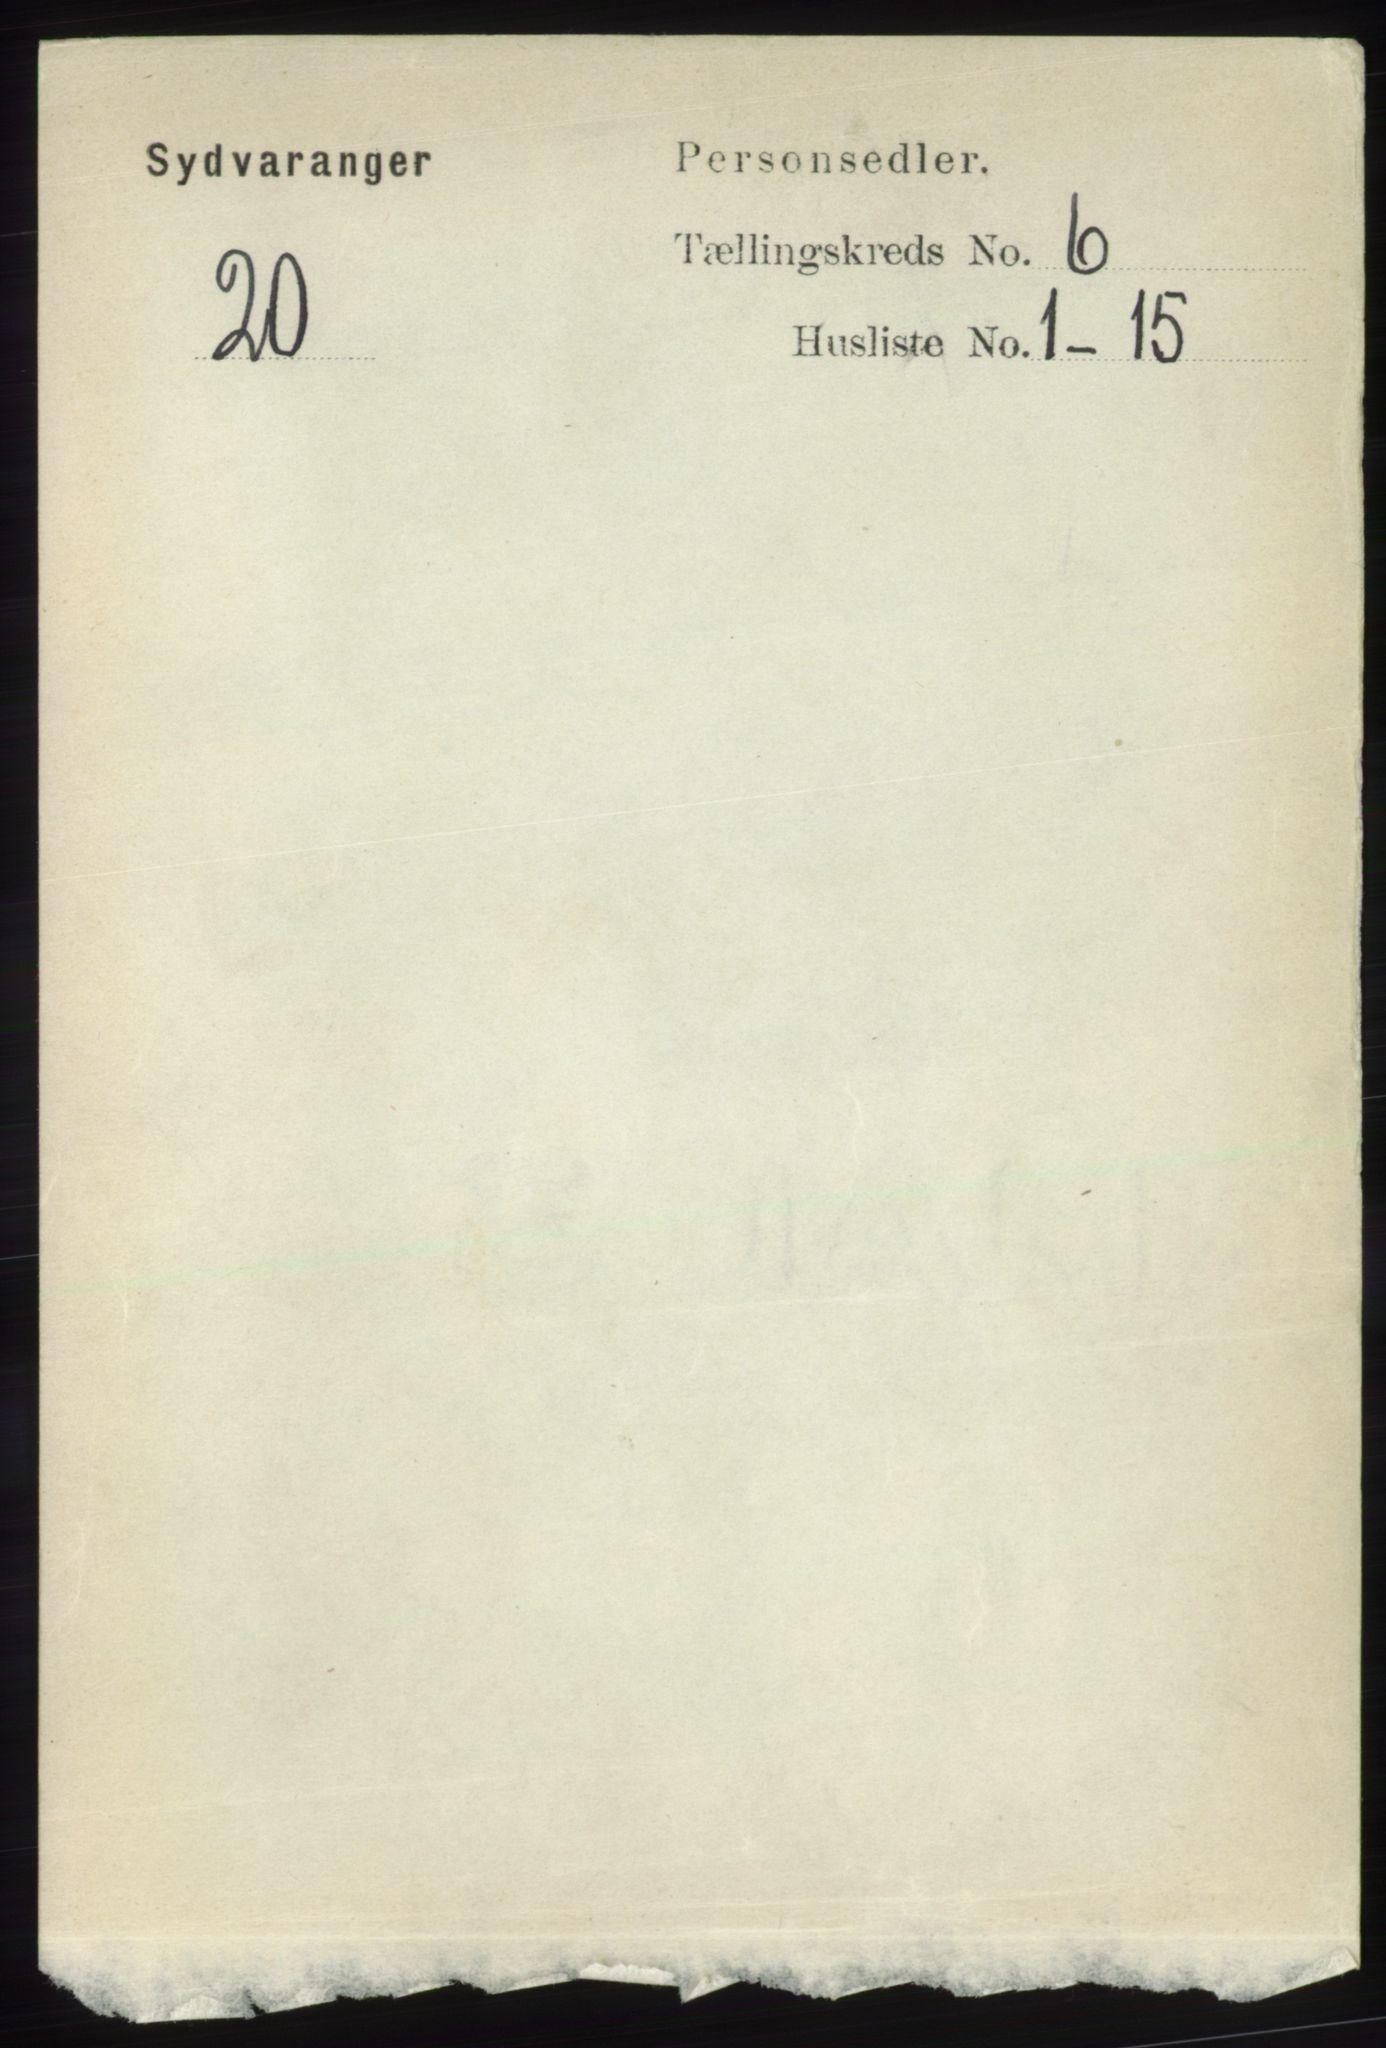 RA, Folketelling 1891 for 2030 Sør-Varanger herred, 1891, s. 1899